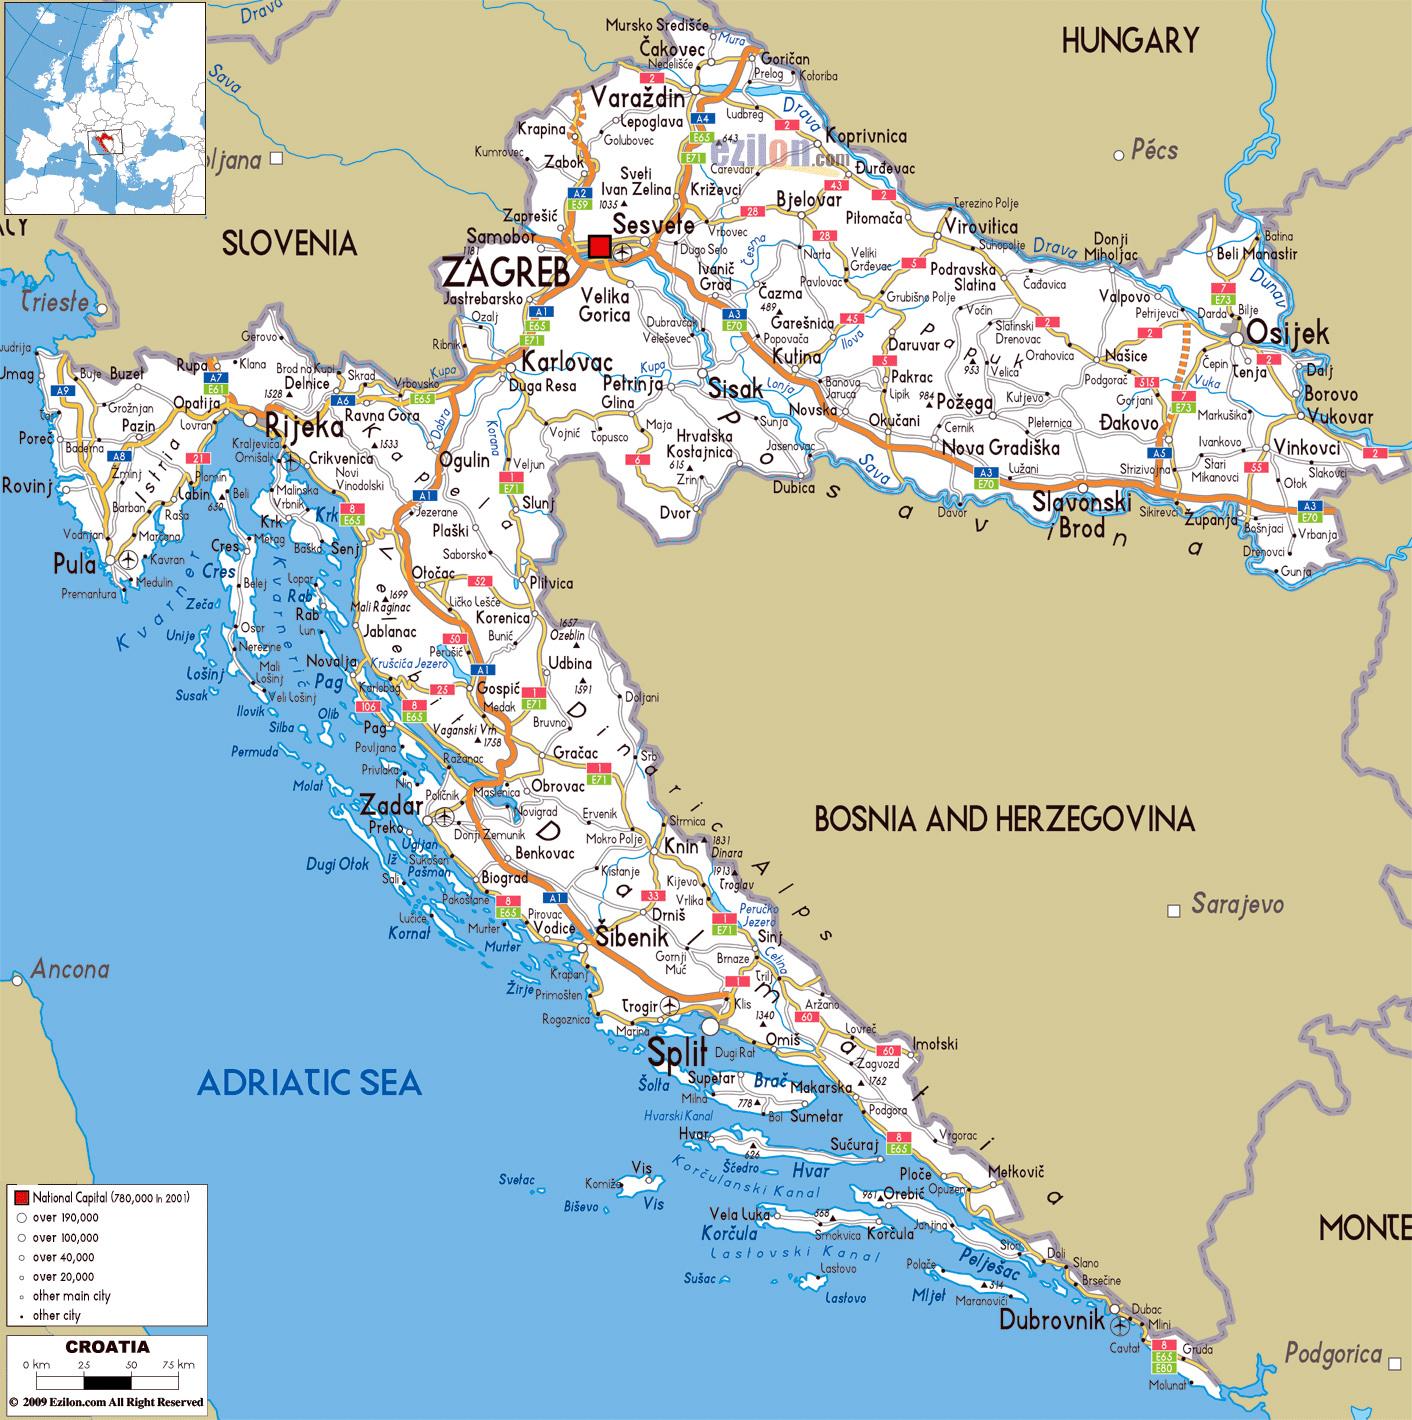 Gran Mapa De Carreteras De Croacia Con Las Ciudades Y Aeropuertos